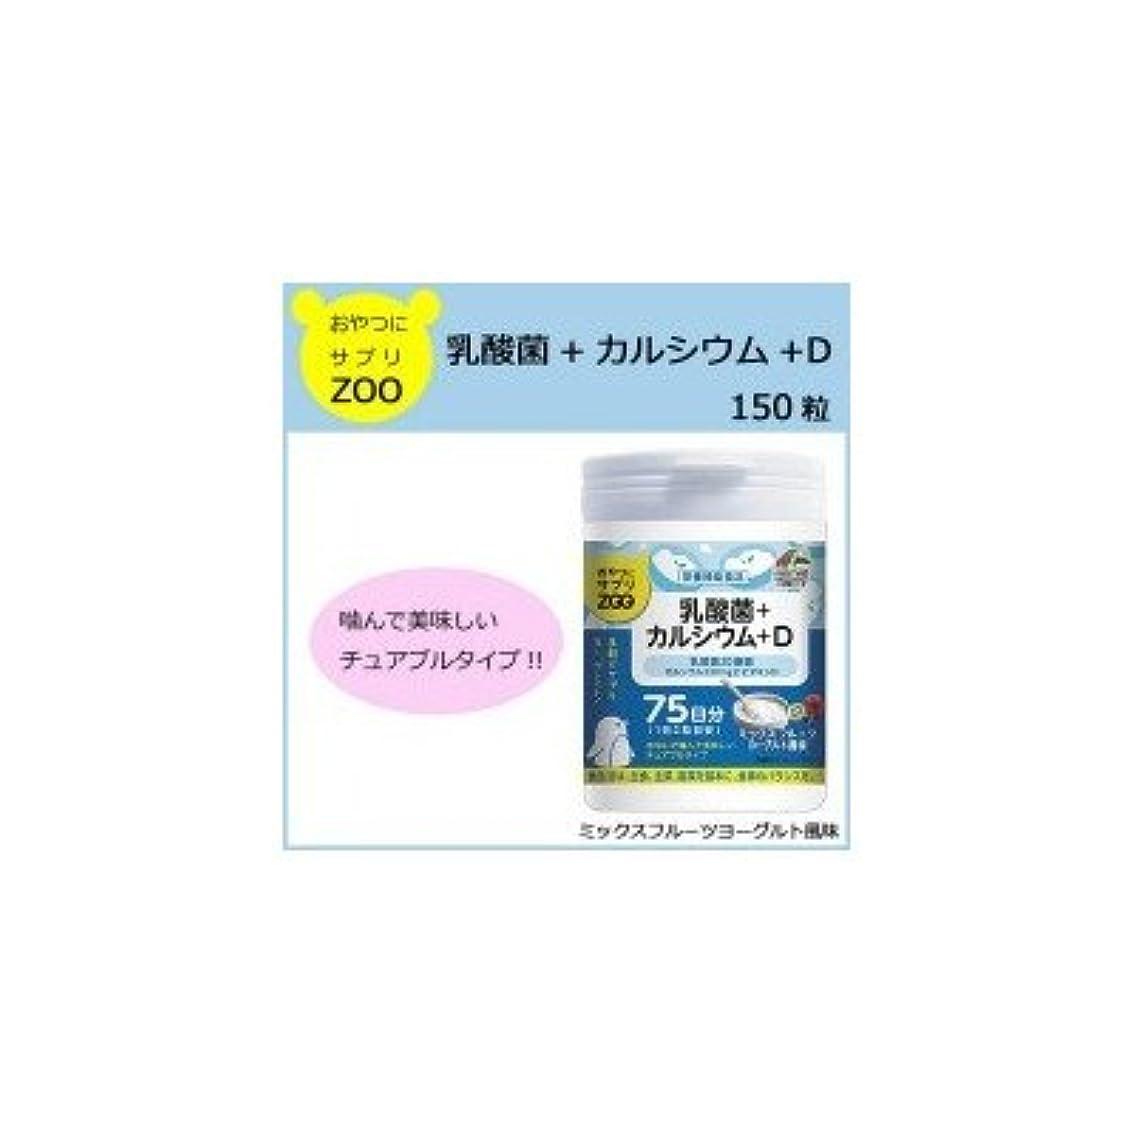 偶然窒息させるケーブルユニマットリケン おやつにサプリZOO 乳酸菌+カルシウム+D 150粒